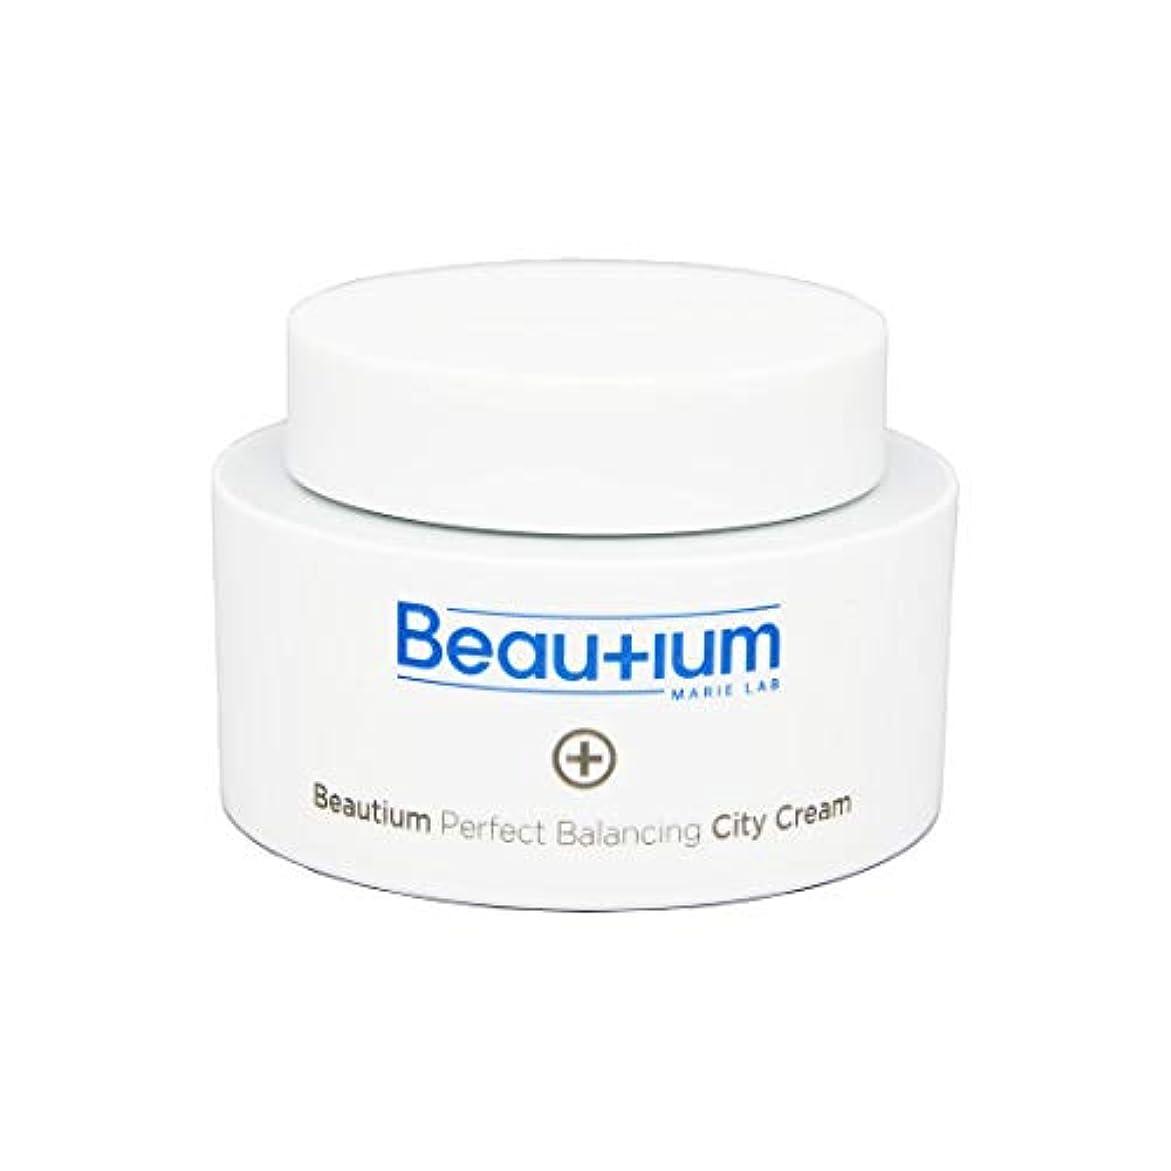 狂った学士引き算[Beautium] 完璧な平衡都会クリーム50g白化 & 防しわ用デュアル機能化粧品 ??? ??? ?? ??